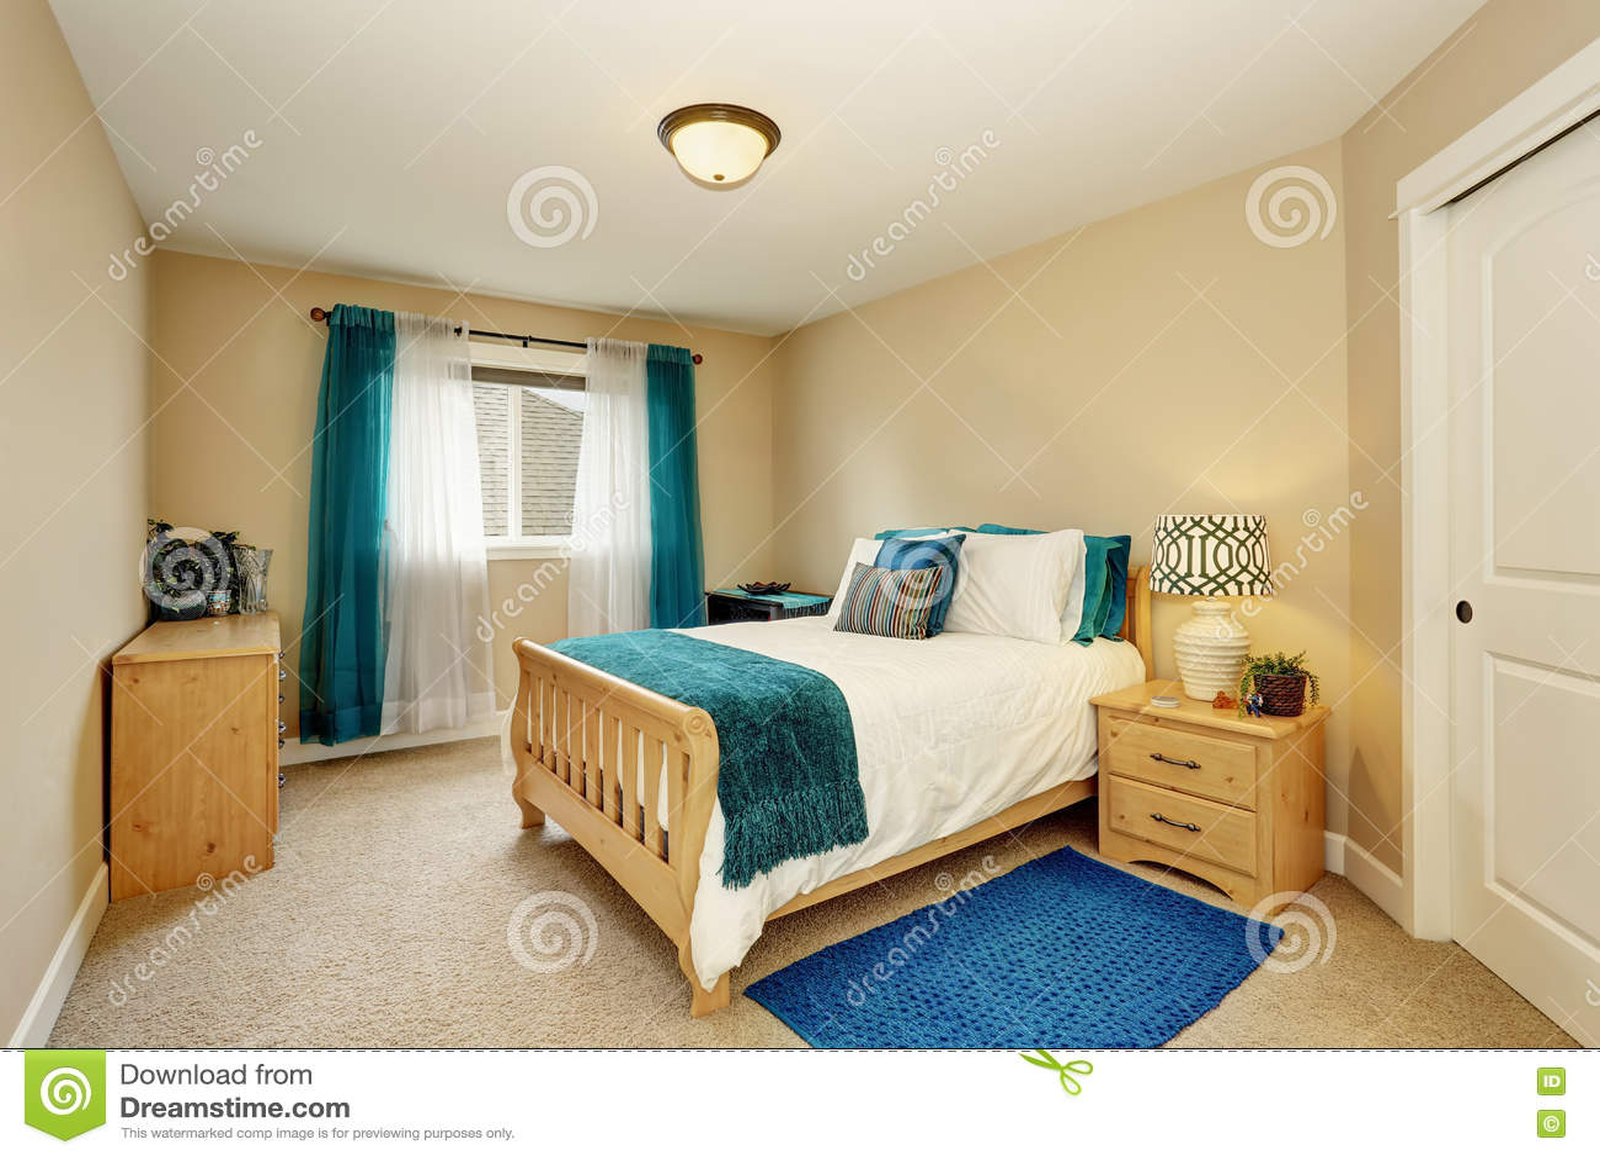 chambre coucher beige ordonn e avec le rideau en turquoise et le lit en bois photo stock. Black Bedroom Furniture Sets. Home Design Ideas